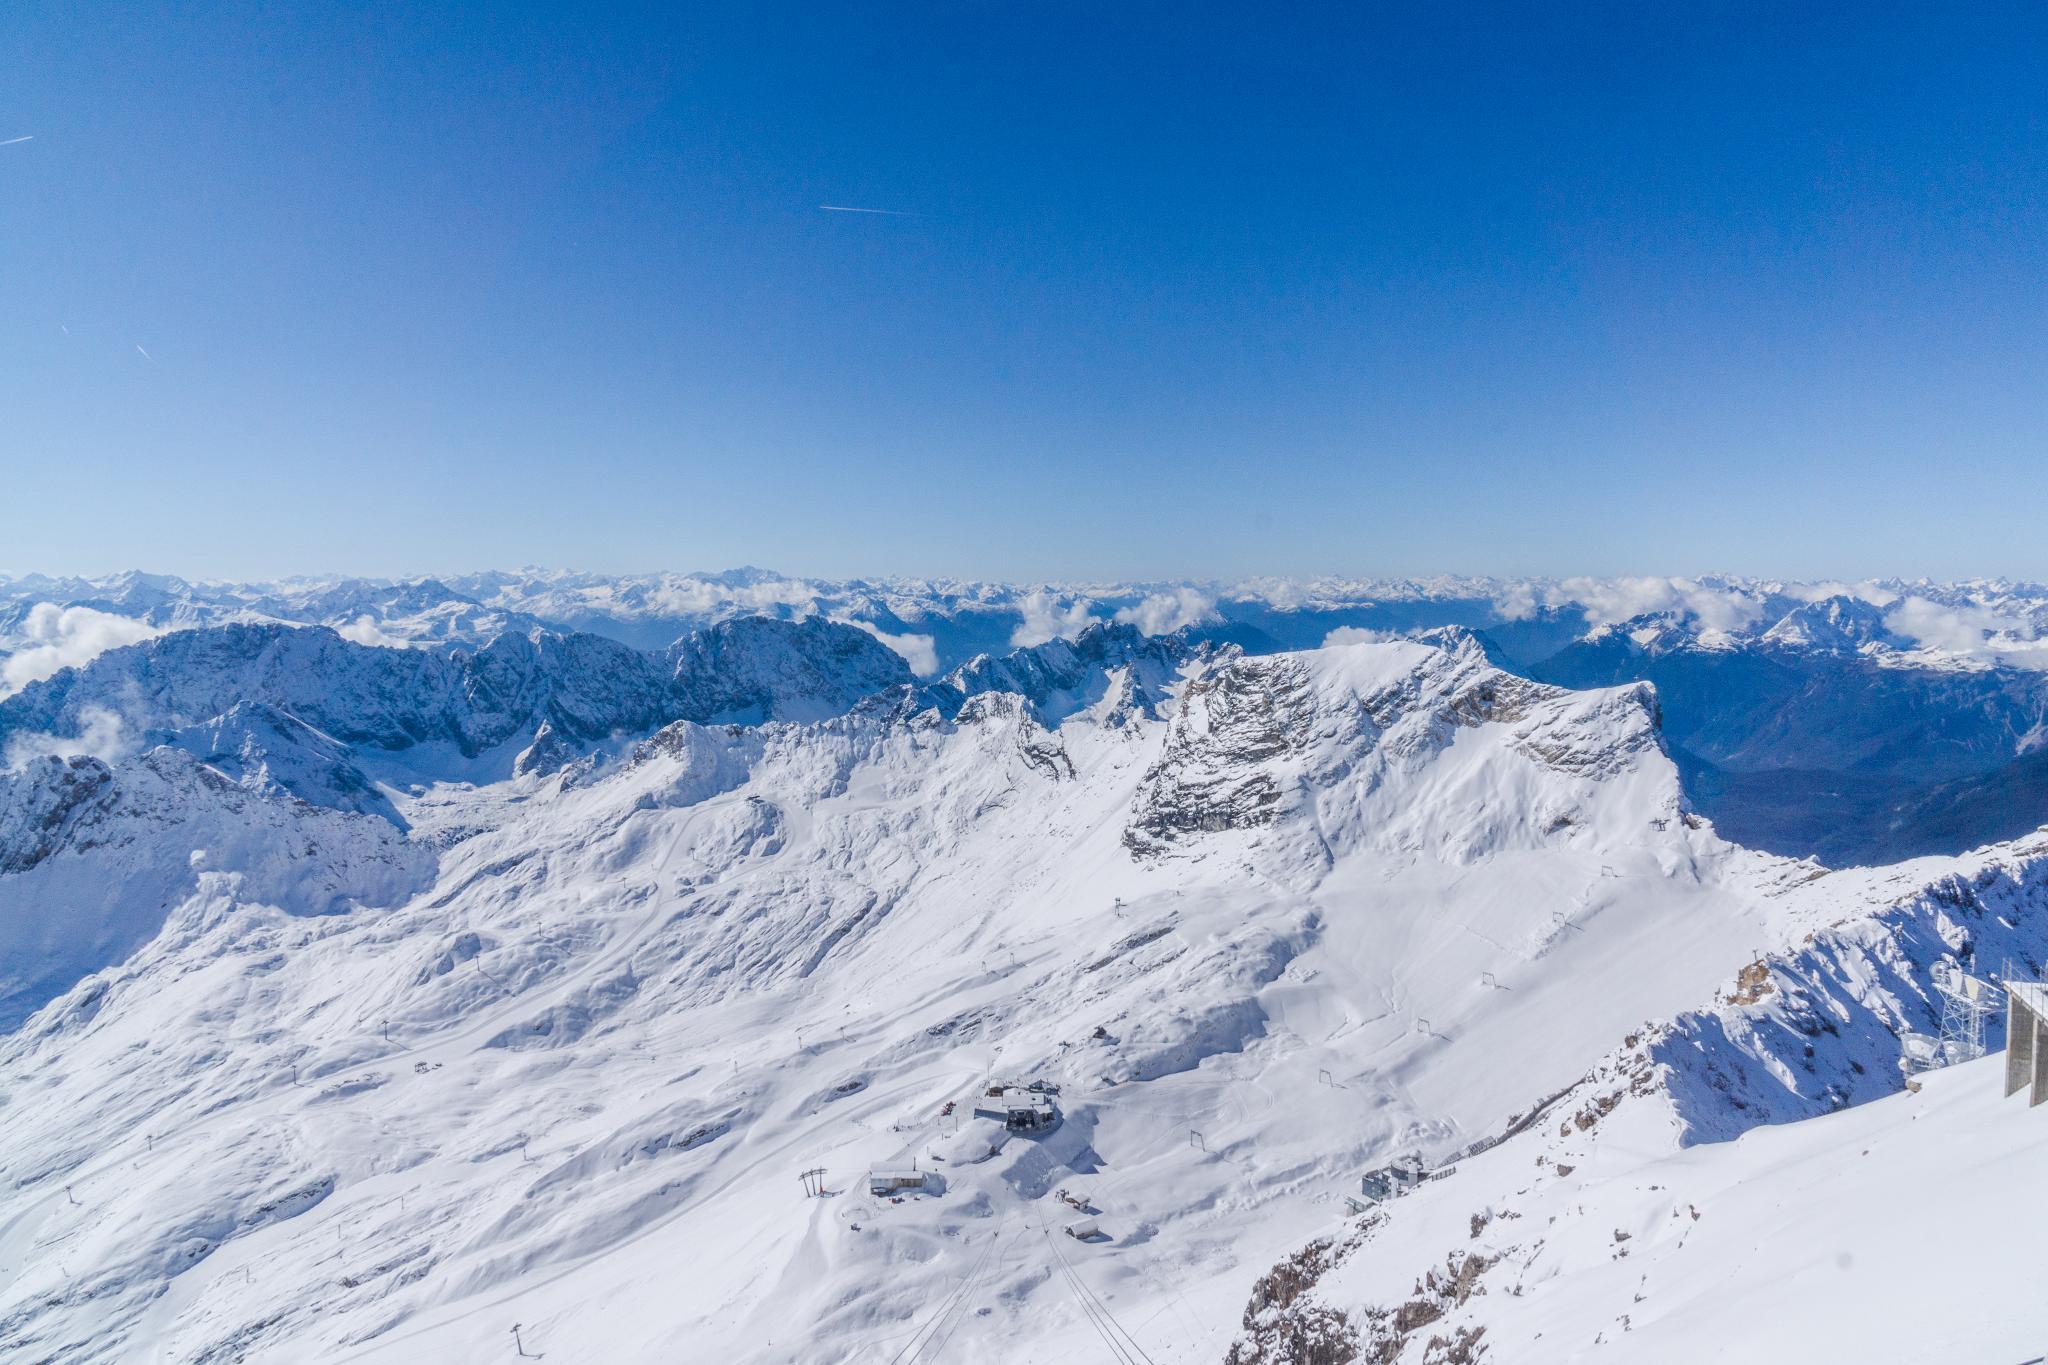 【德國】阿爾卑斯大道:楚格峰 (Zugspitze) 登上德國之巔 47